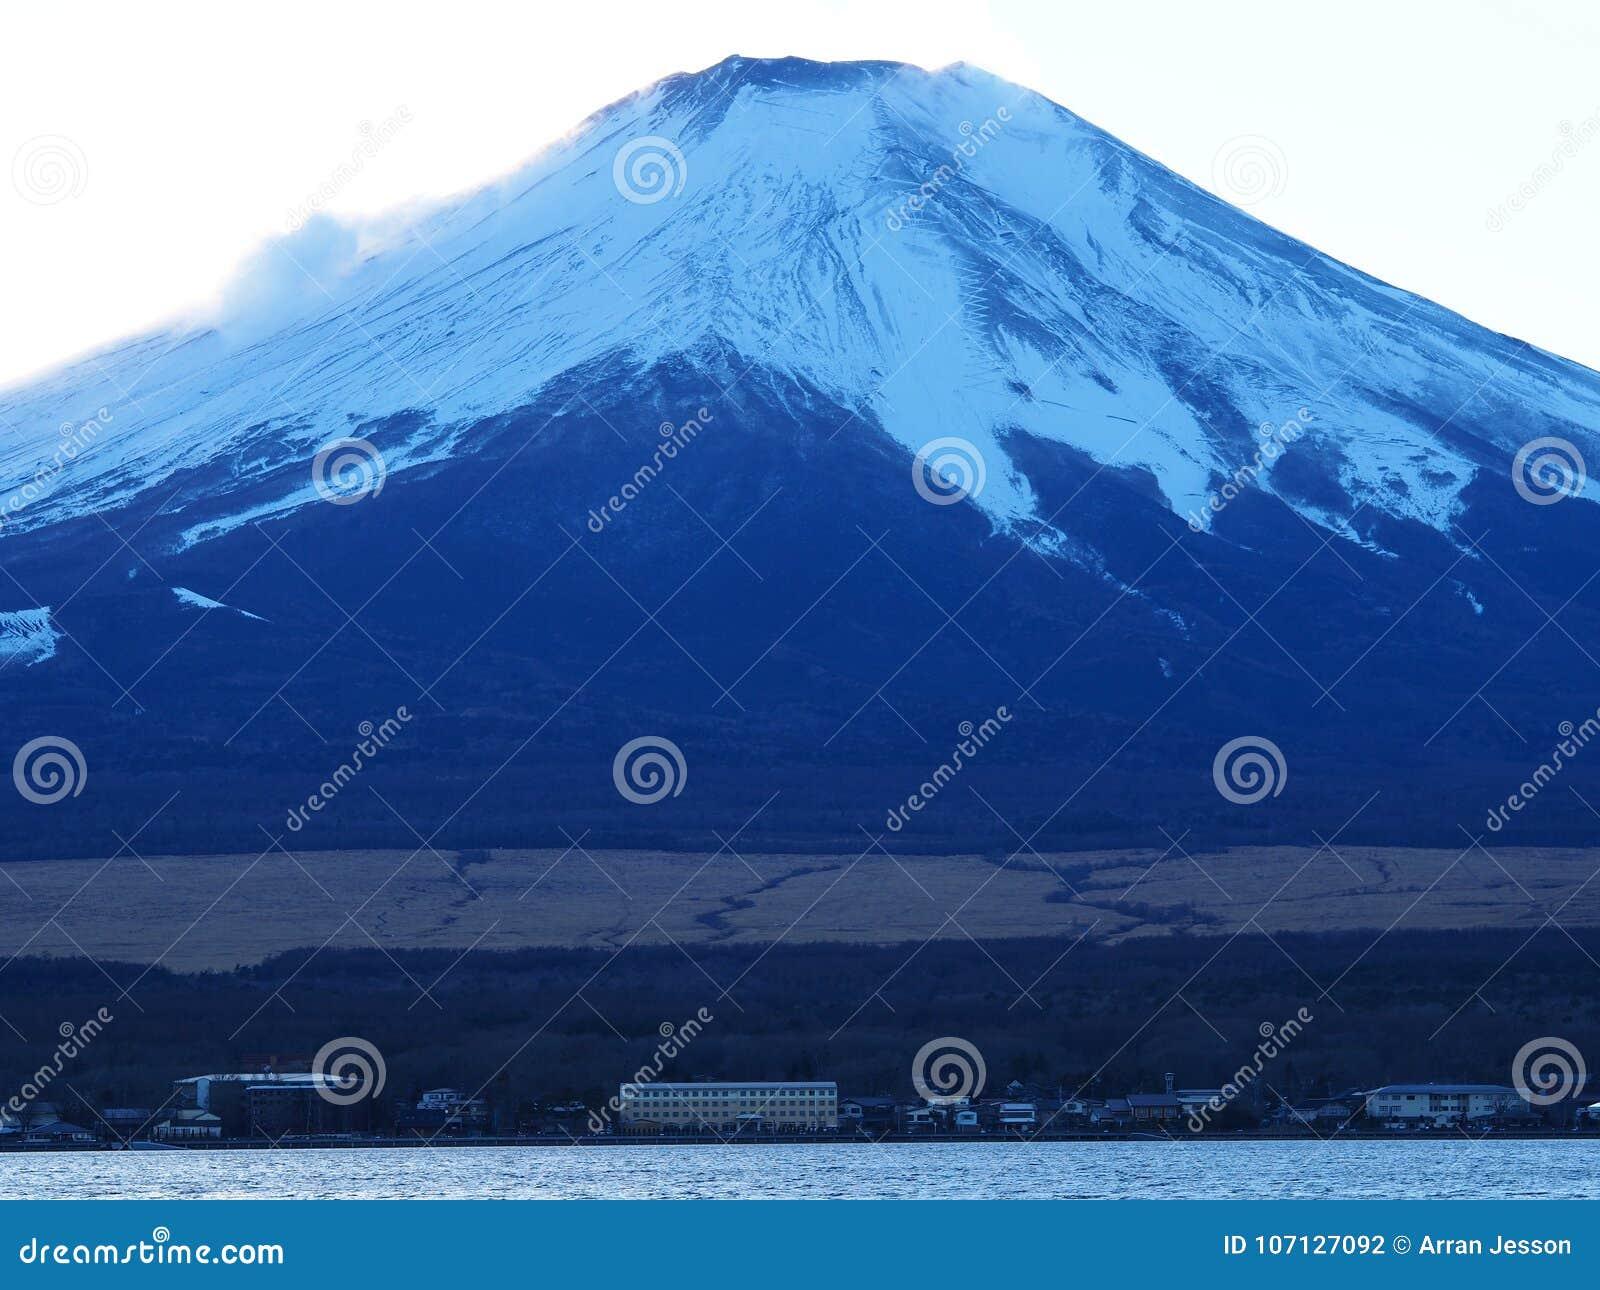 El monte Fuji coronado de nieve icónico en Japón